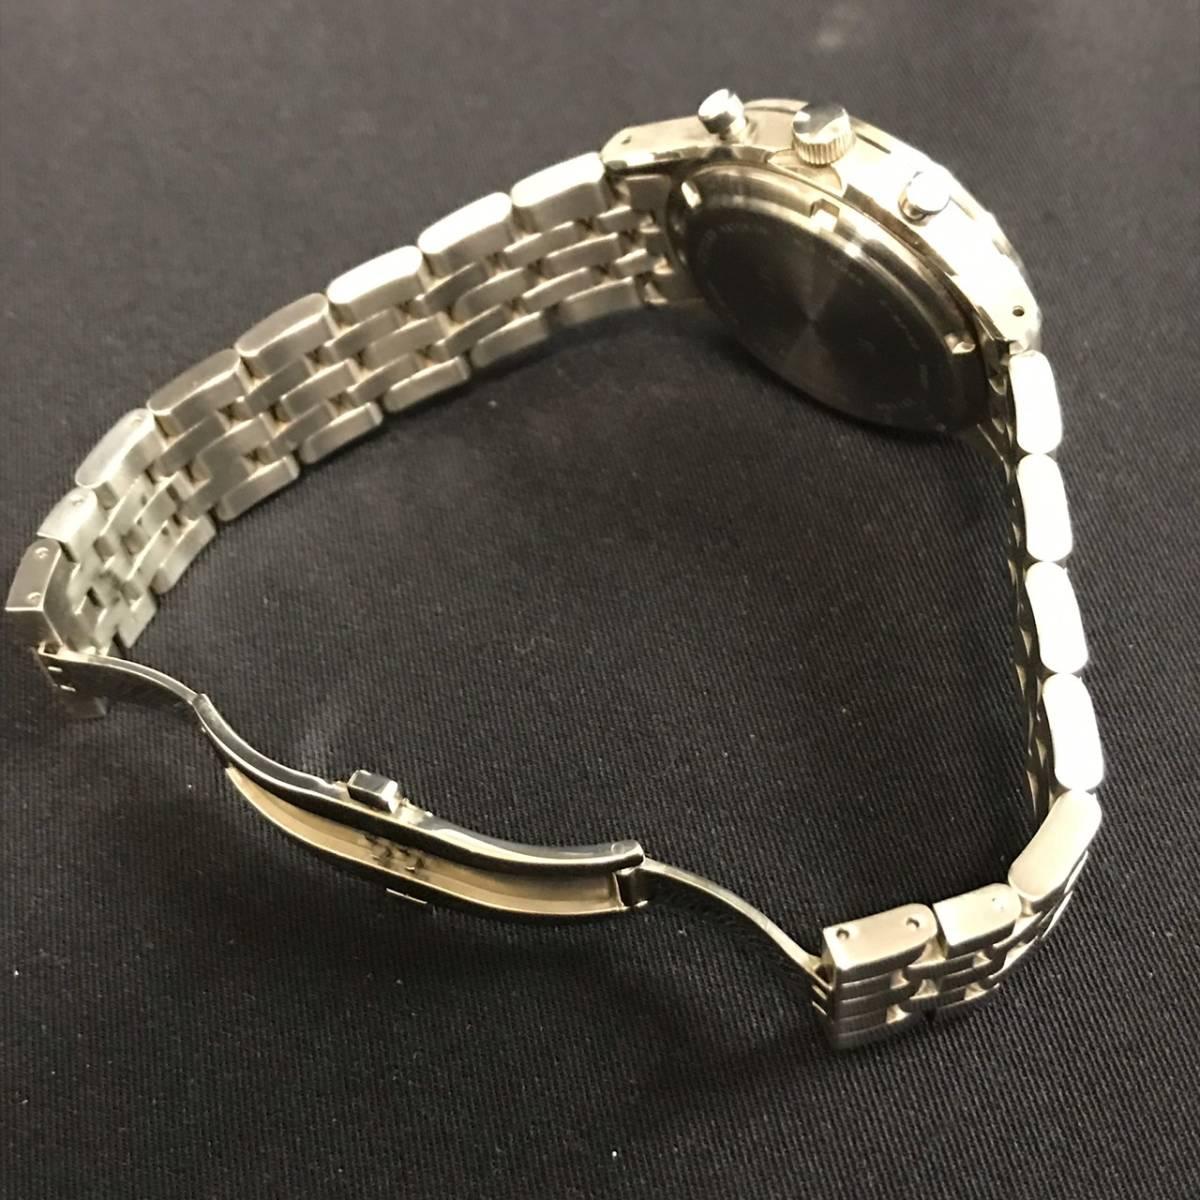 C23f01D シチズン CITIZEN エクシード エコドライブ B510 H23290 クオーツ 腕時計 自動巻き 記念品_画像10